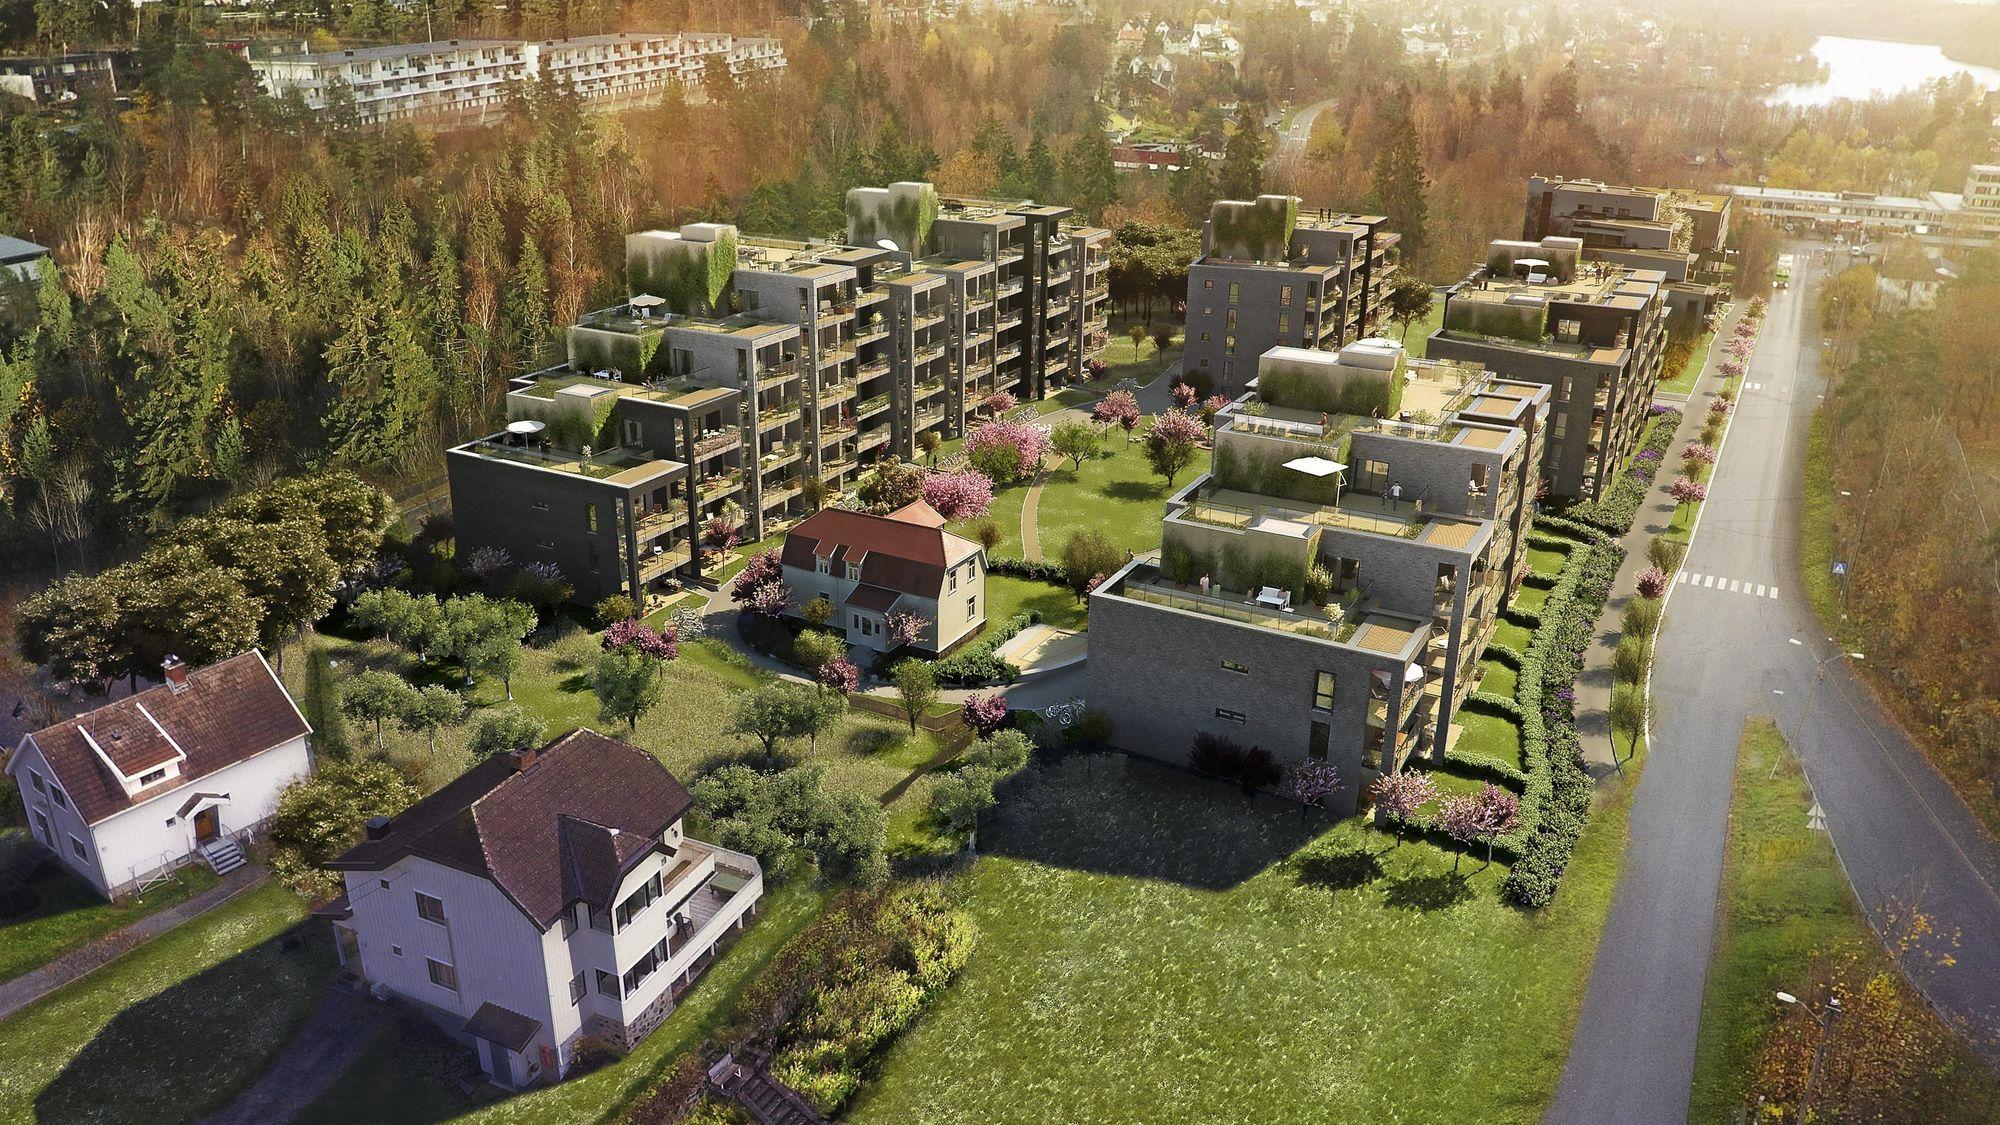 SLIK BLIR DET: Kolbotn Hage vil se slik ut når det står ferdig neste år.